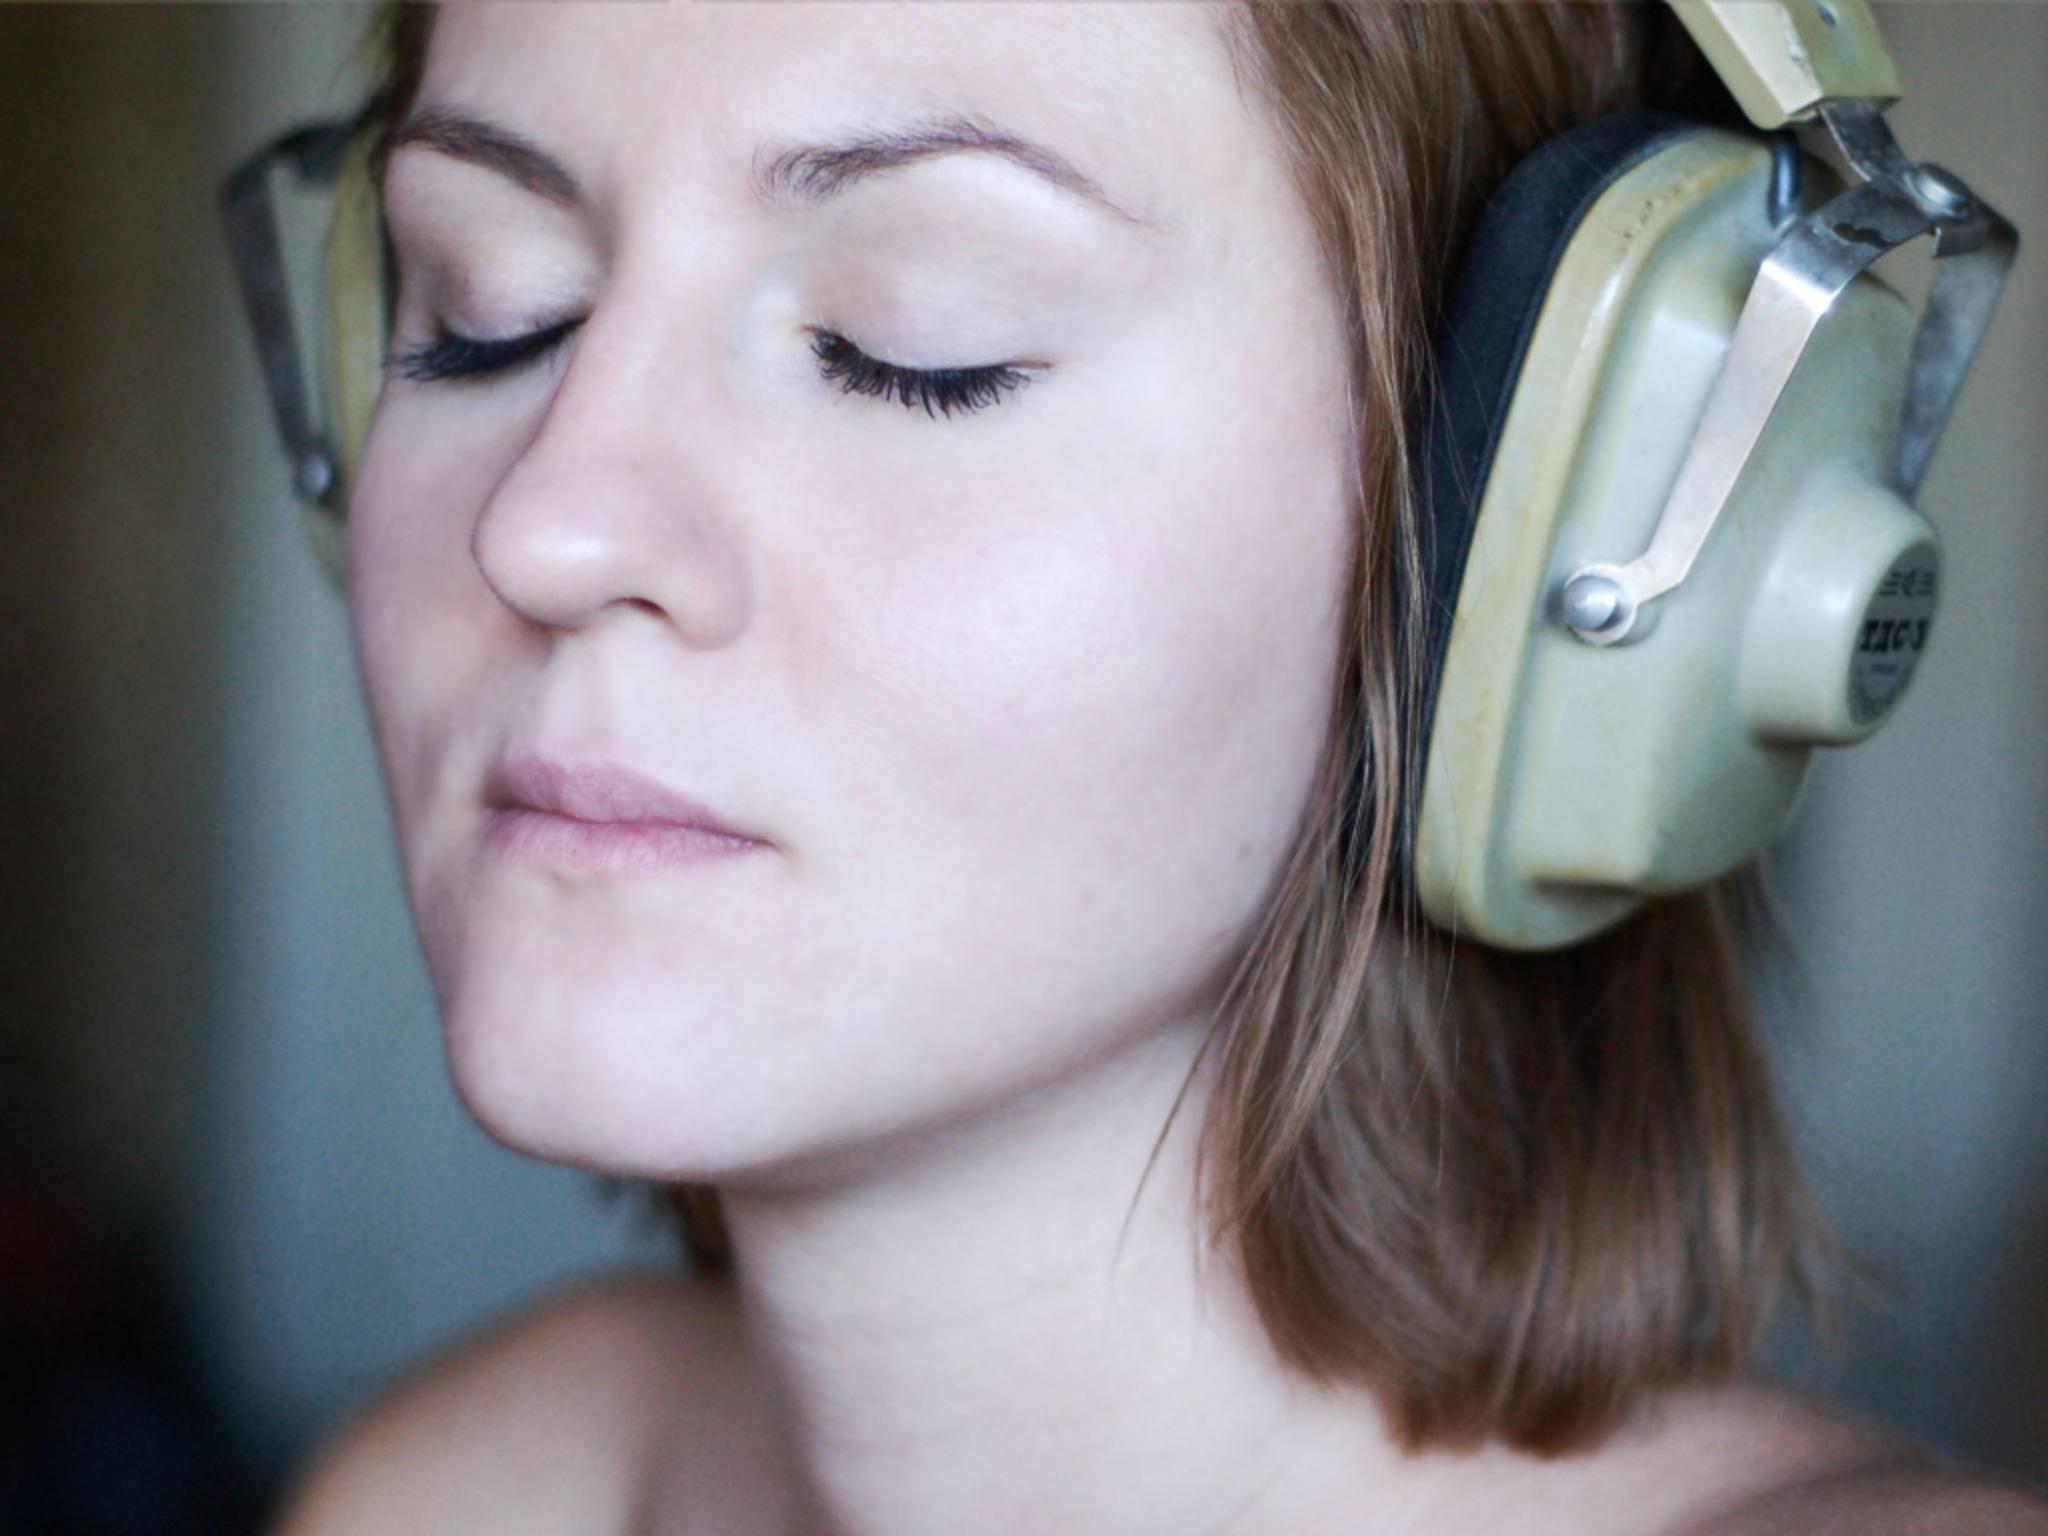 Mit einer private Cloud kannst Du Dir Dein eigenesMusik-Streaming einrichten.